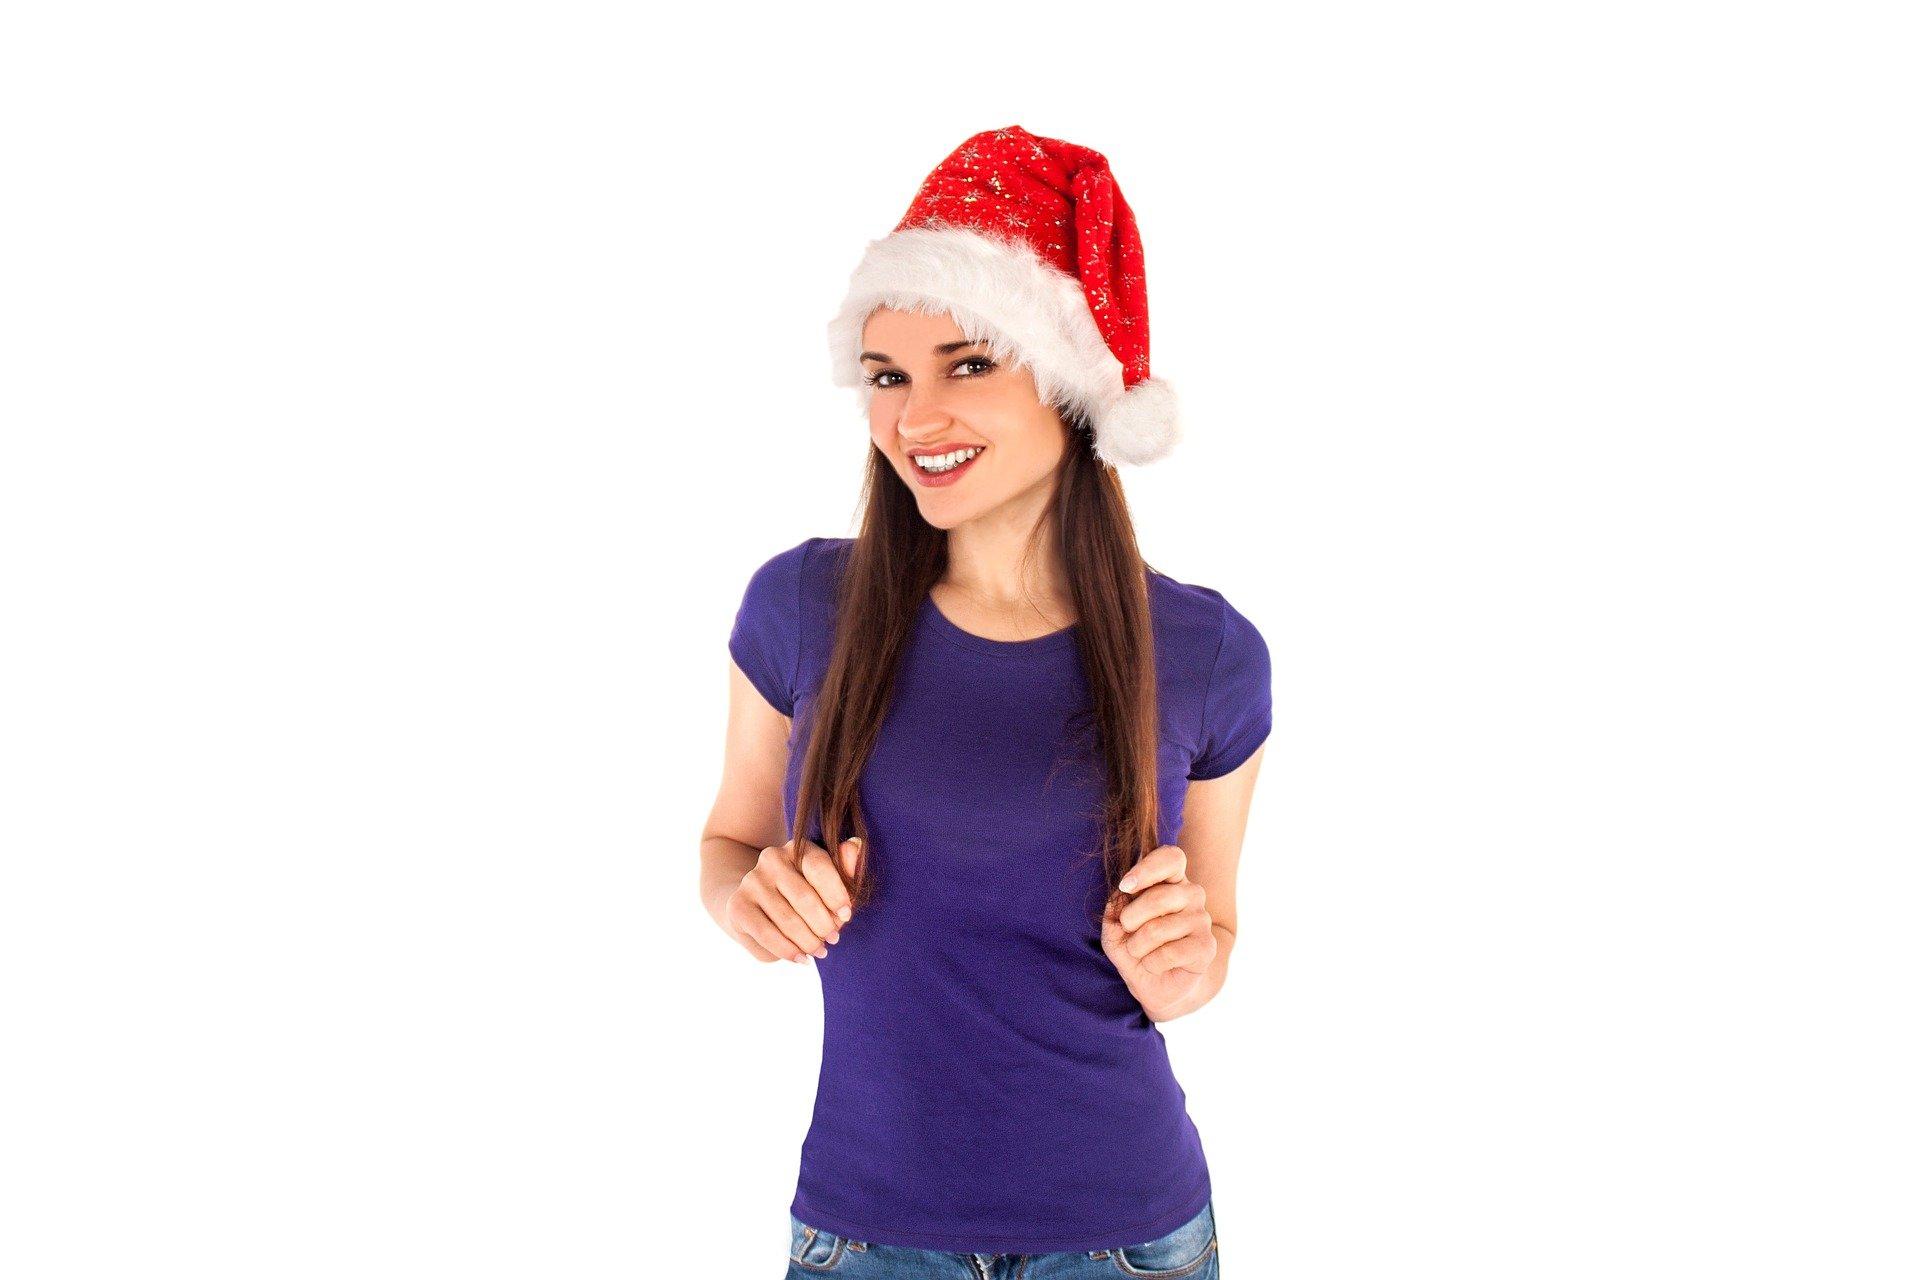 Cose da fare a Natale